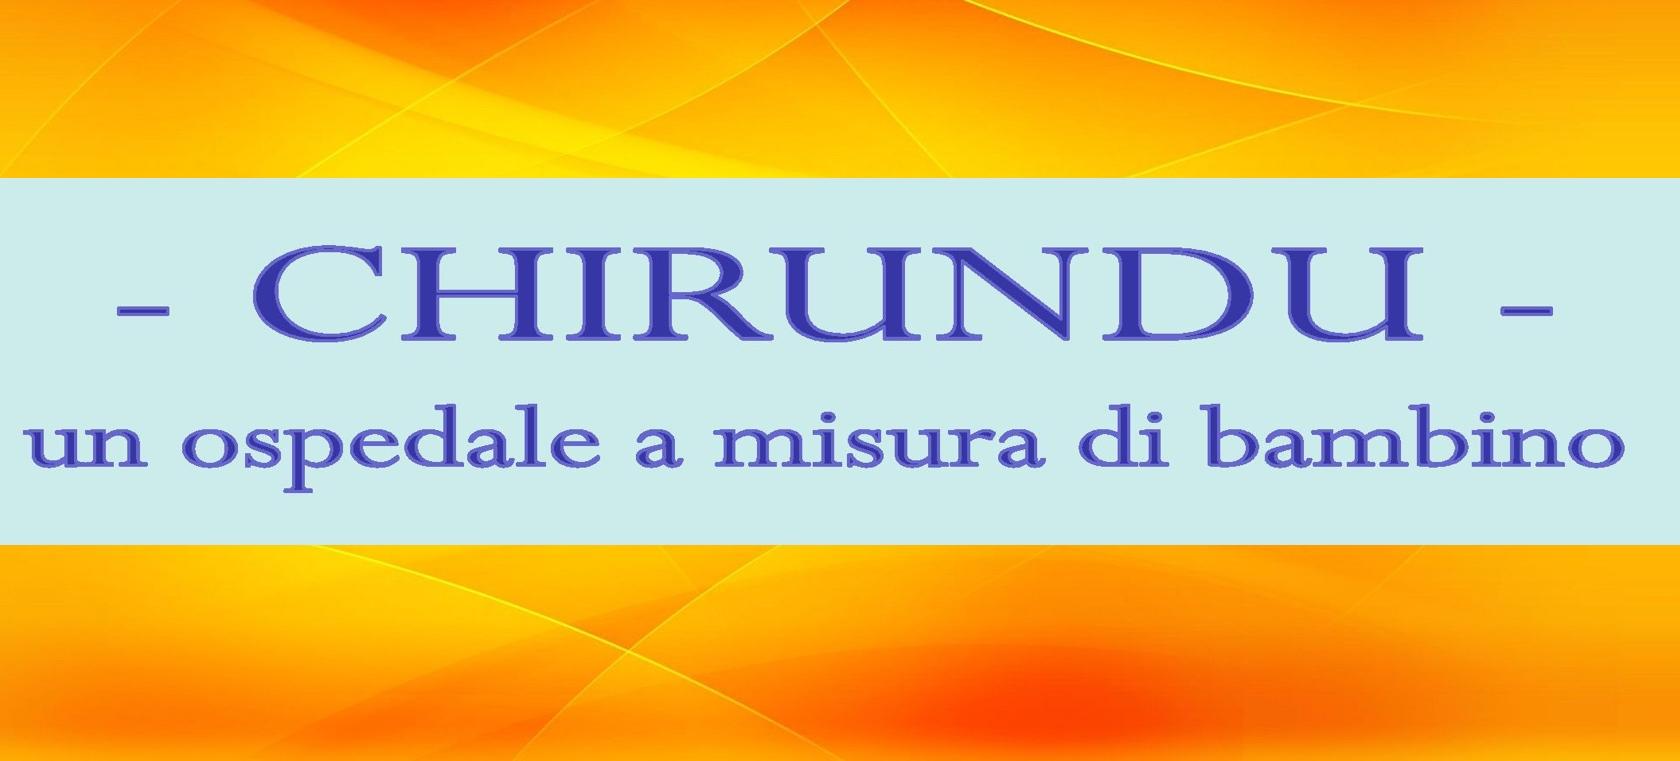 Chirundu – ospedale a misura di bambino